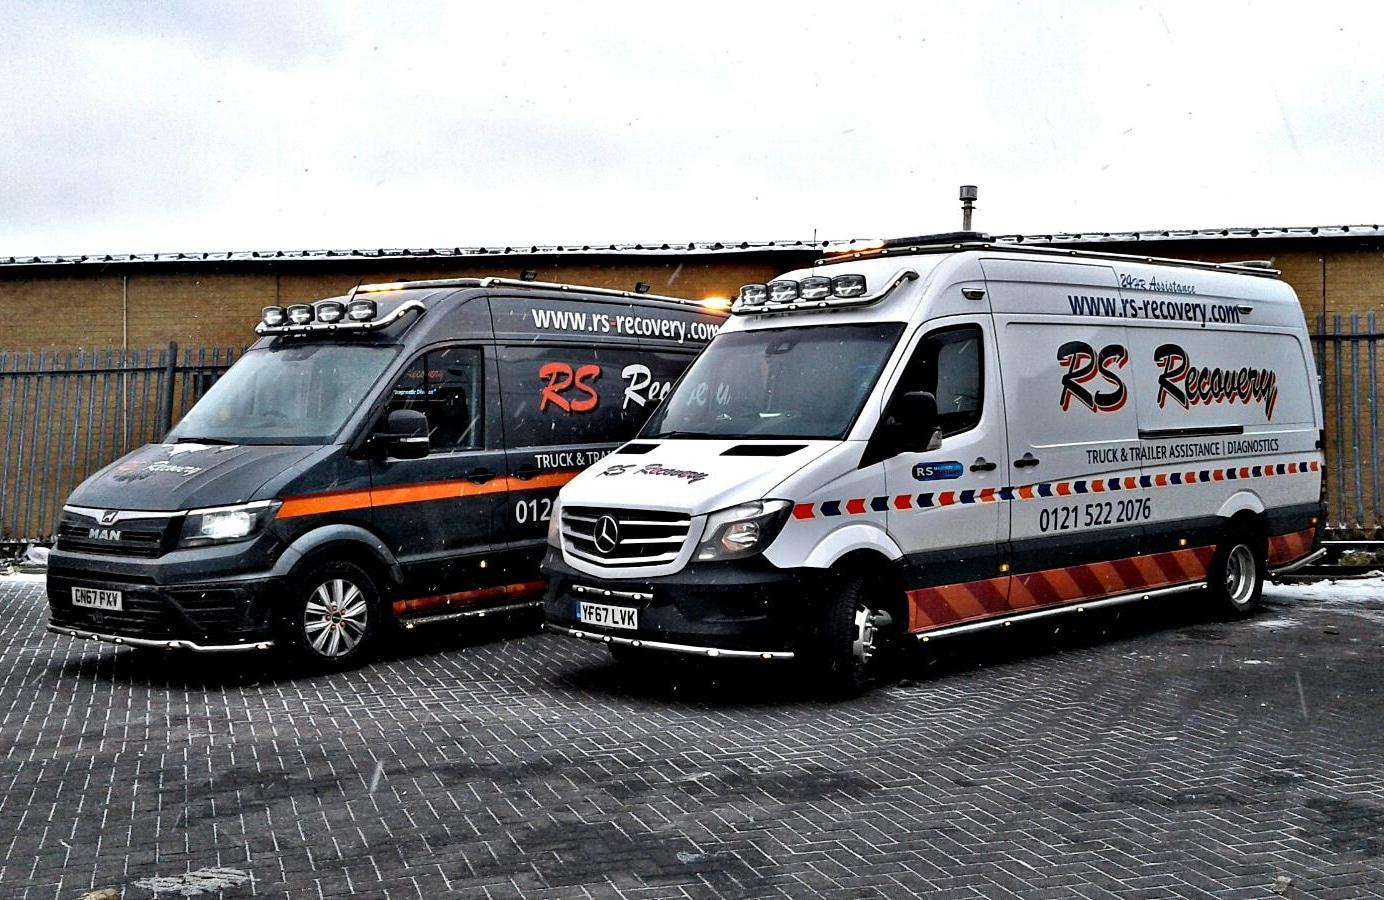 Service vans join the fleet